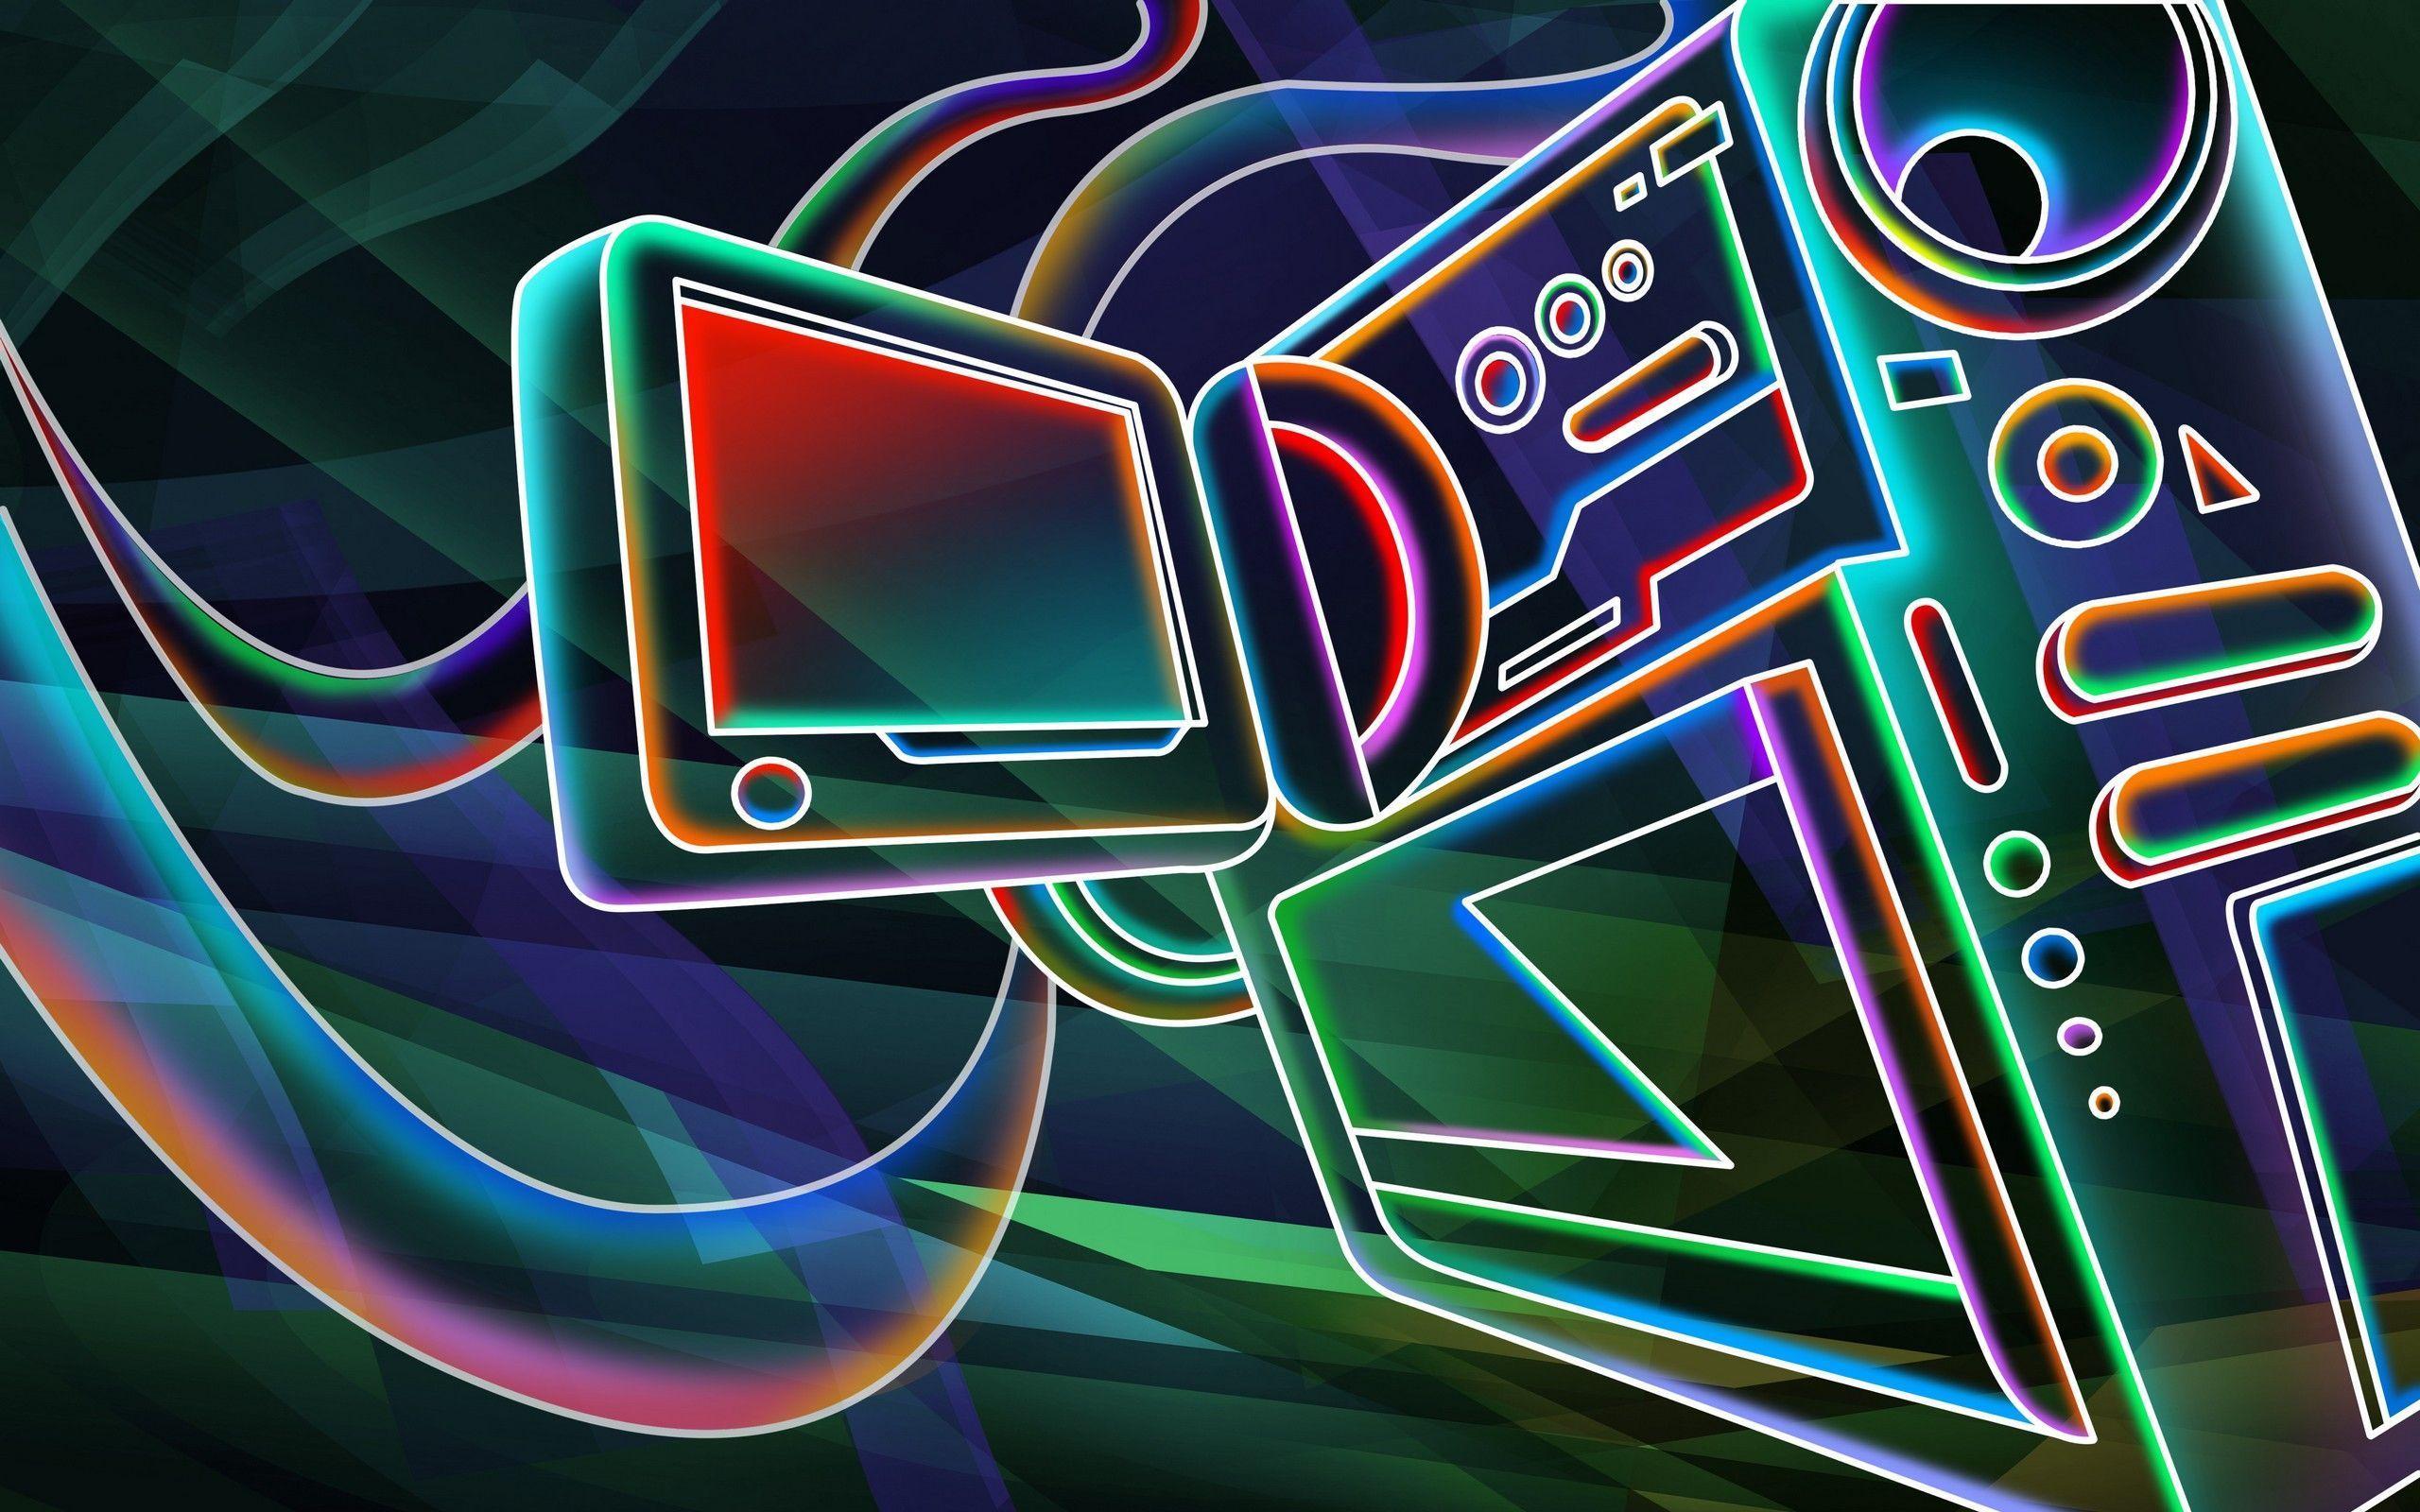 Neon Coole Hintergrundbilder 3d